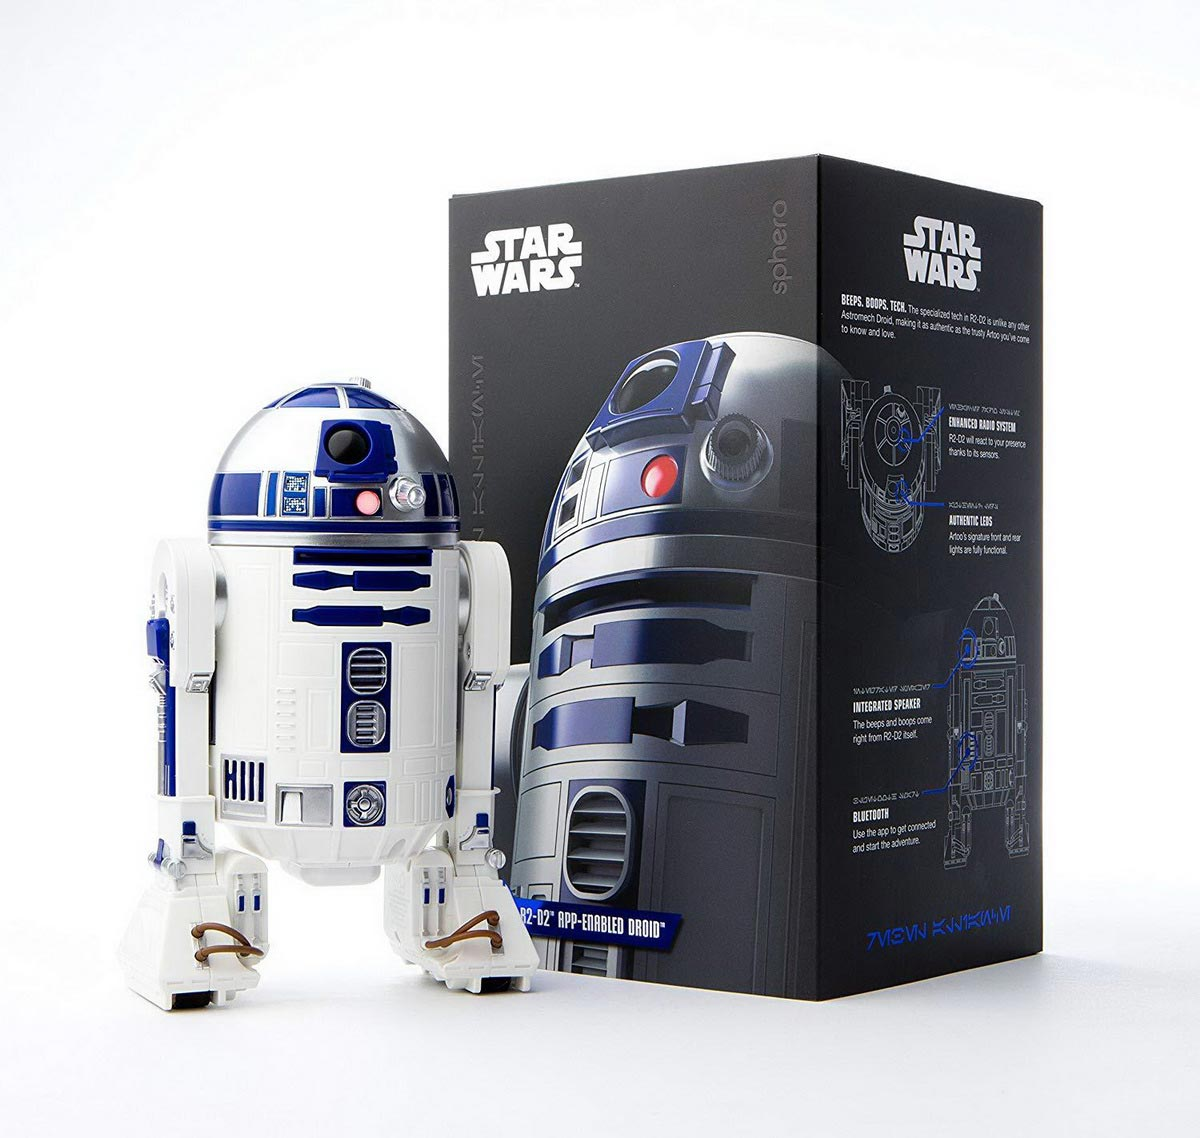 Robot Sphero Star Wars